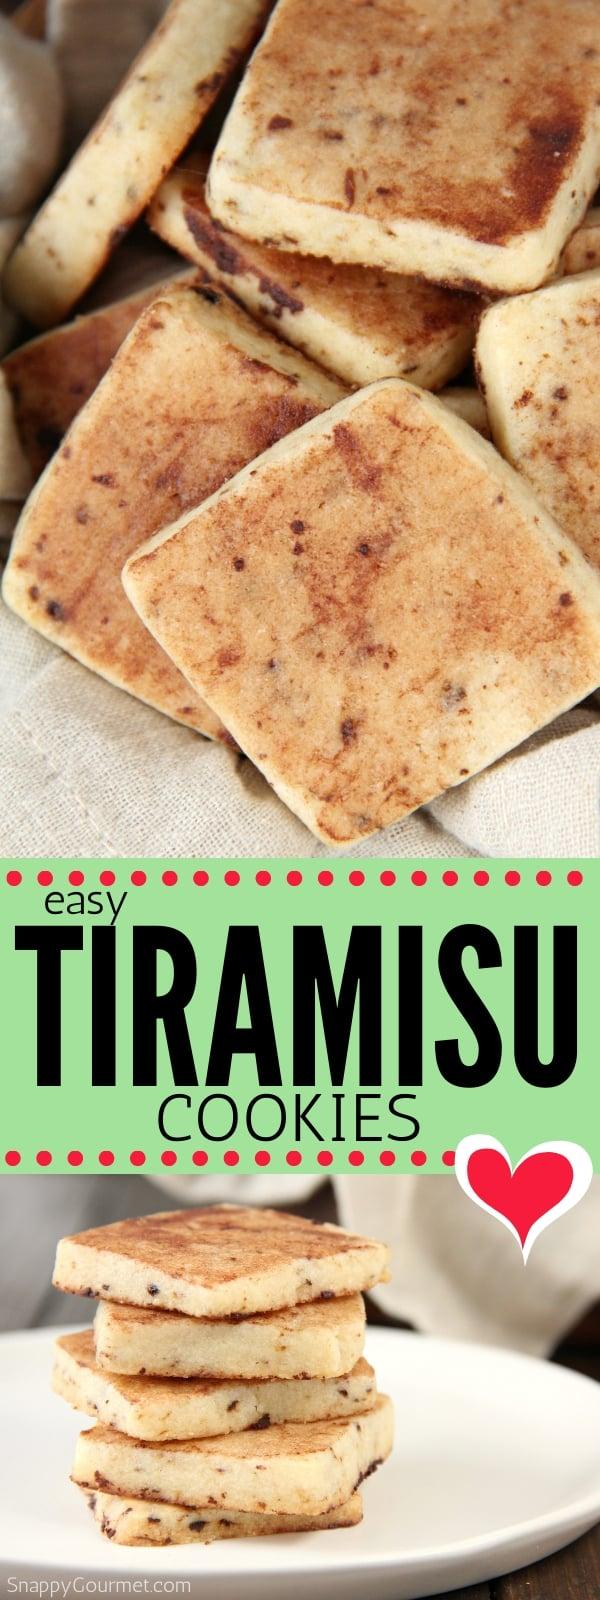 Tiramisu cookie collage